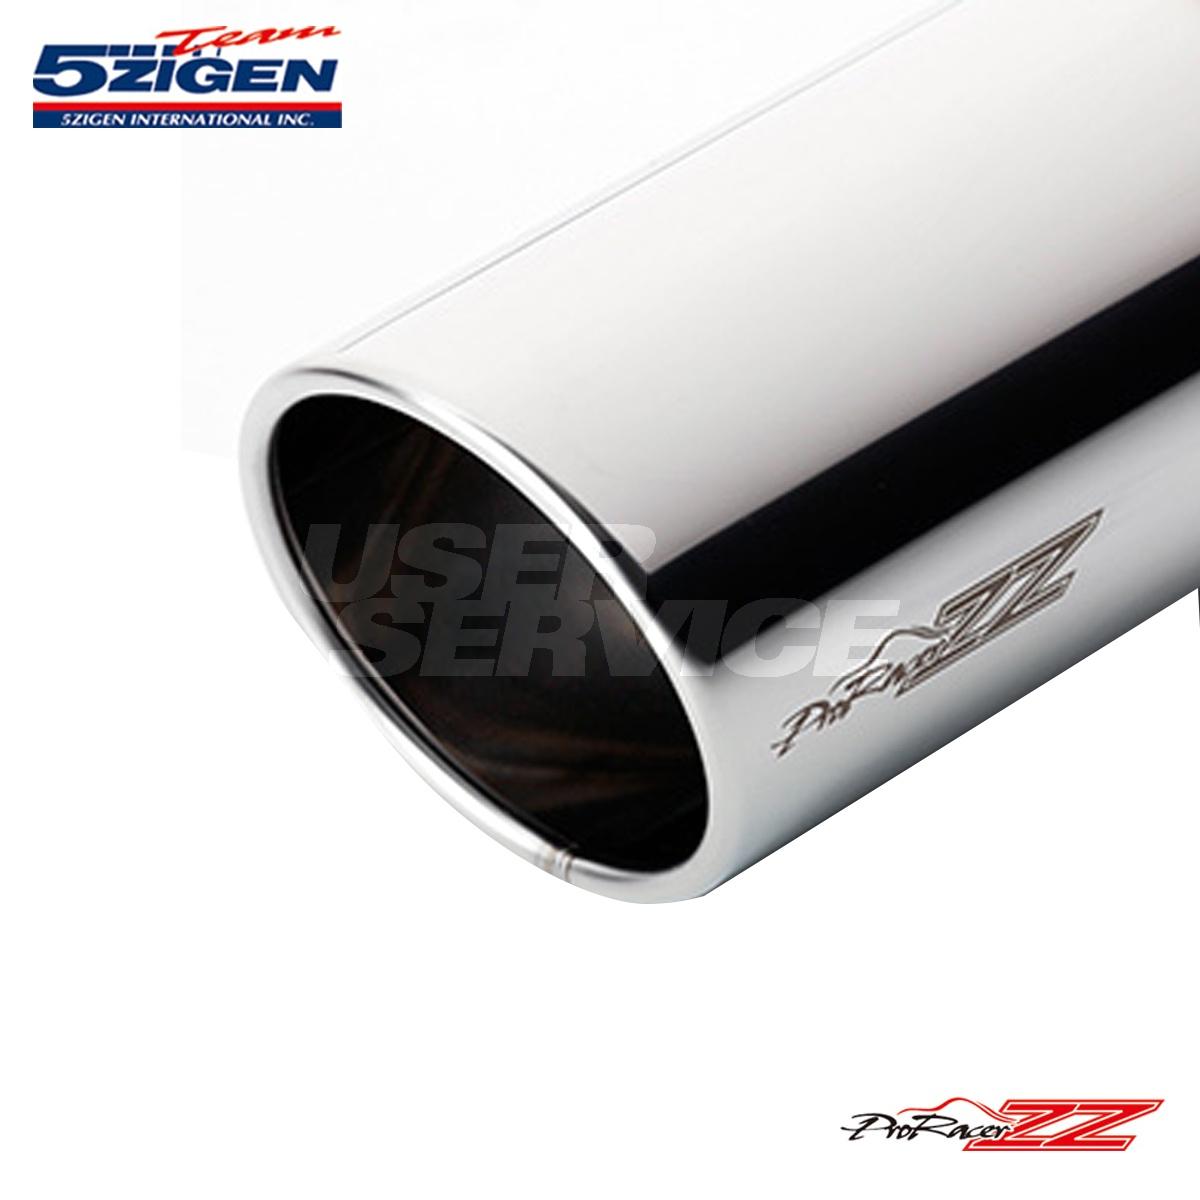 5次元 レガシィB4 GF-BE5 マフラー プロレーサーZZ 品番 PZSU-003 5ZIGEN